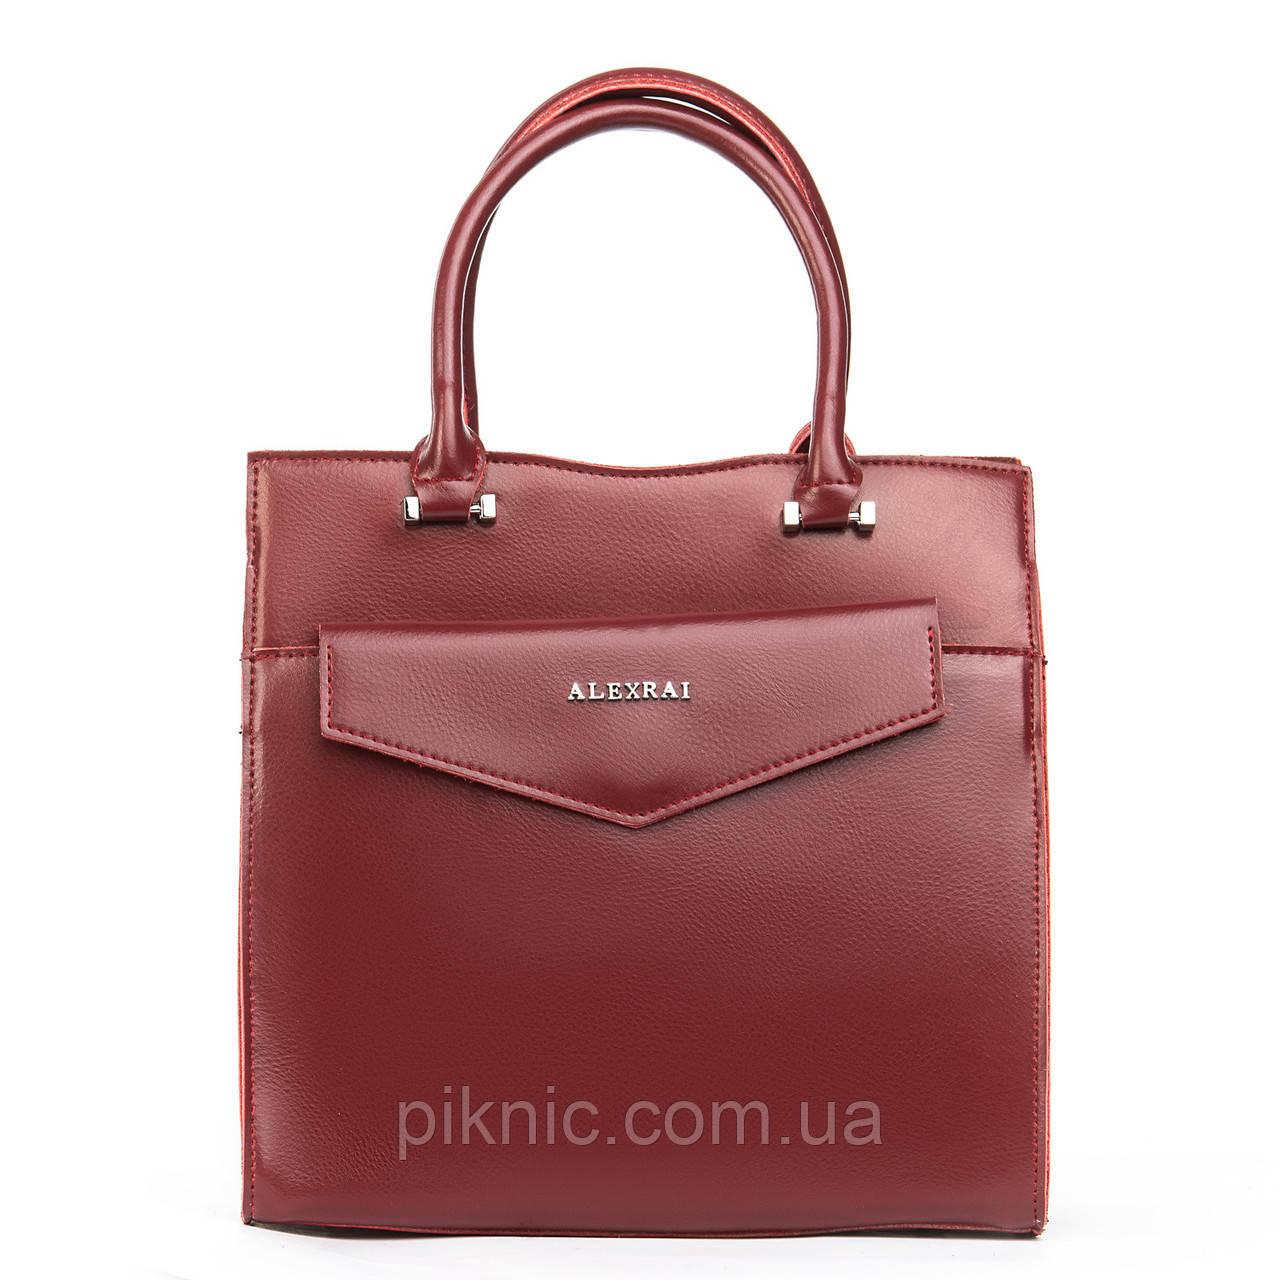 Женская сумка кожаная классическая. Натуральная кожа. Много цветов